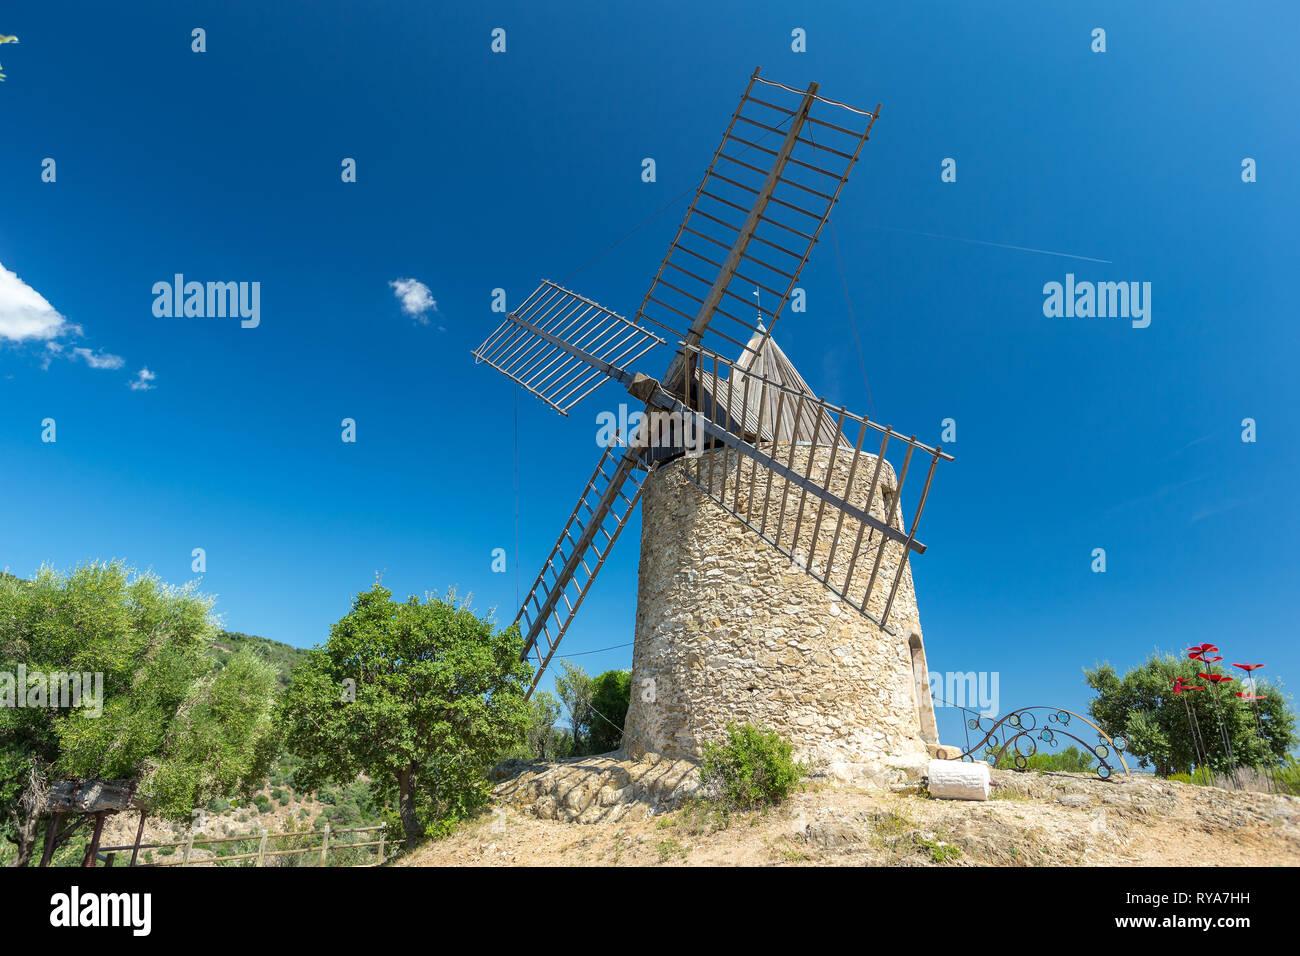 Windmuehle in Frankreich, 27.08.2018 Bildnachweis: Mario Hommes / HH-Photography - Stock Image